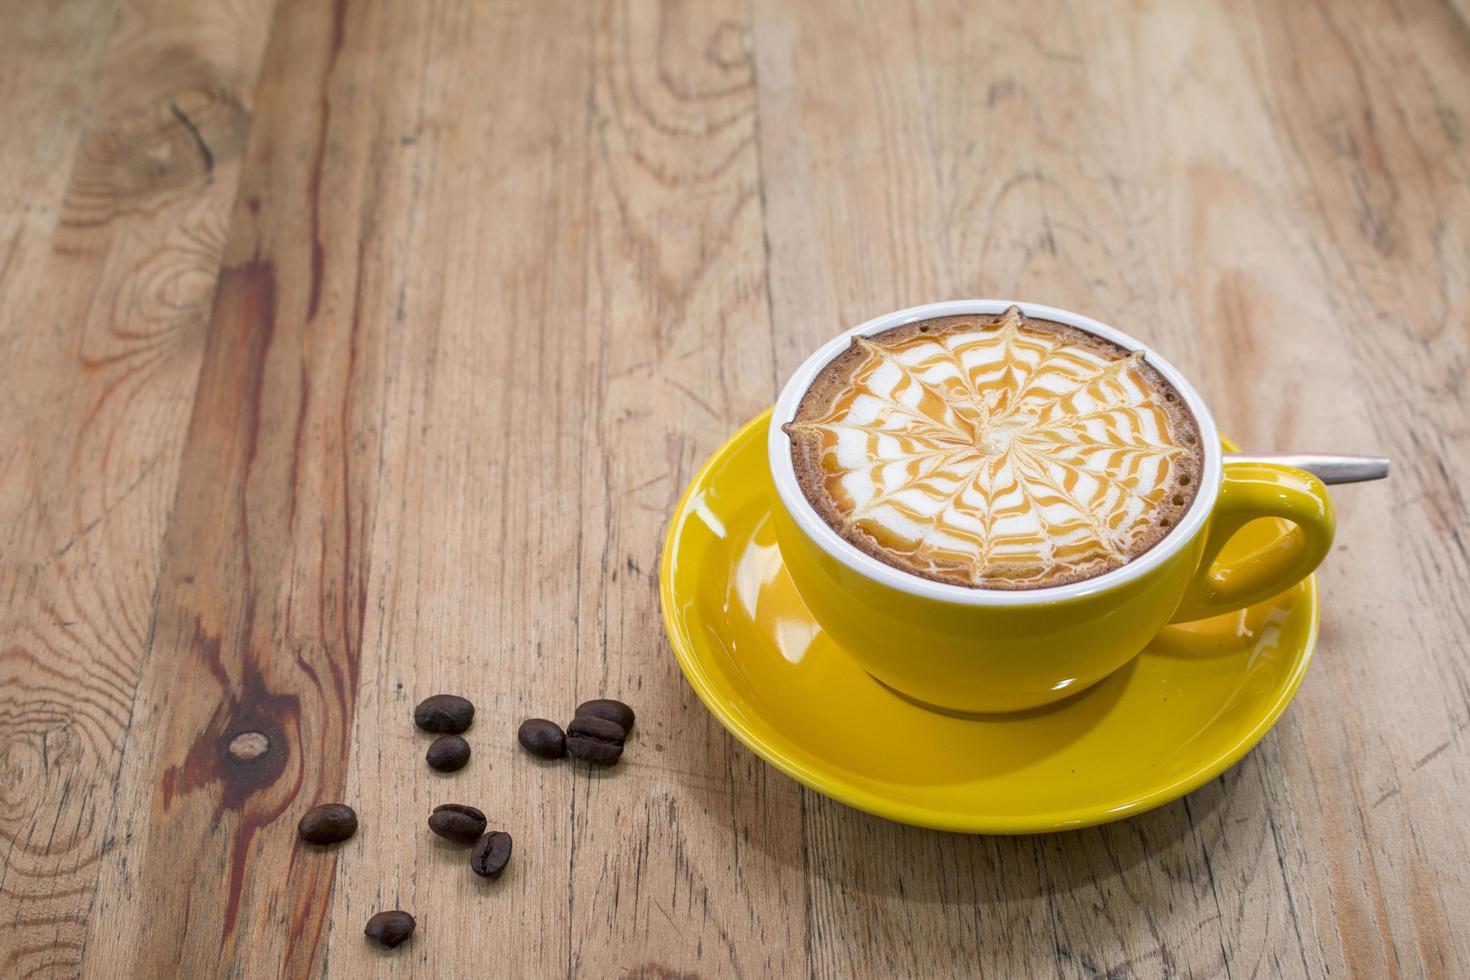 un café latte sur un bureau en bois photo